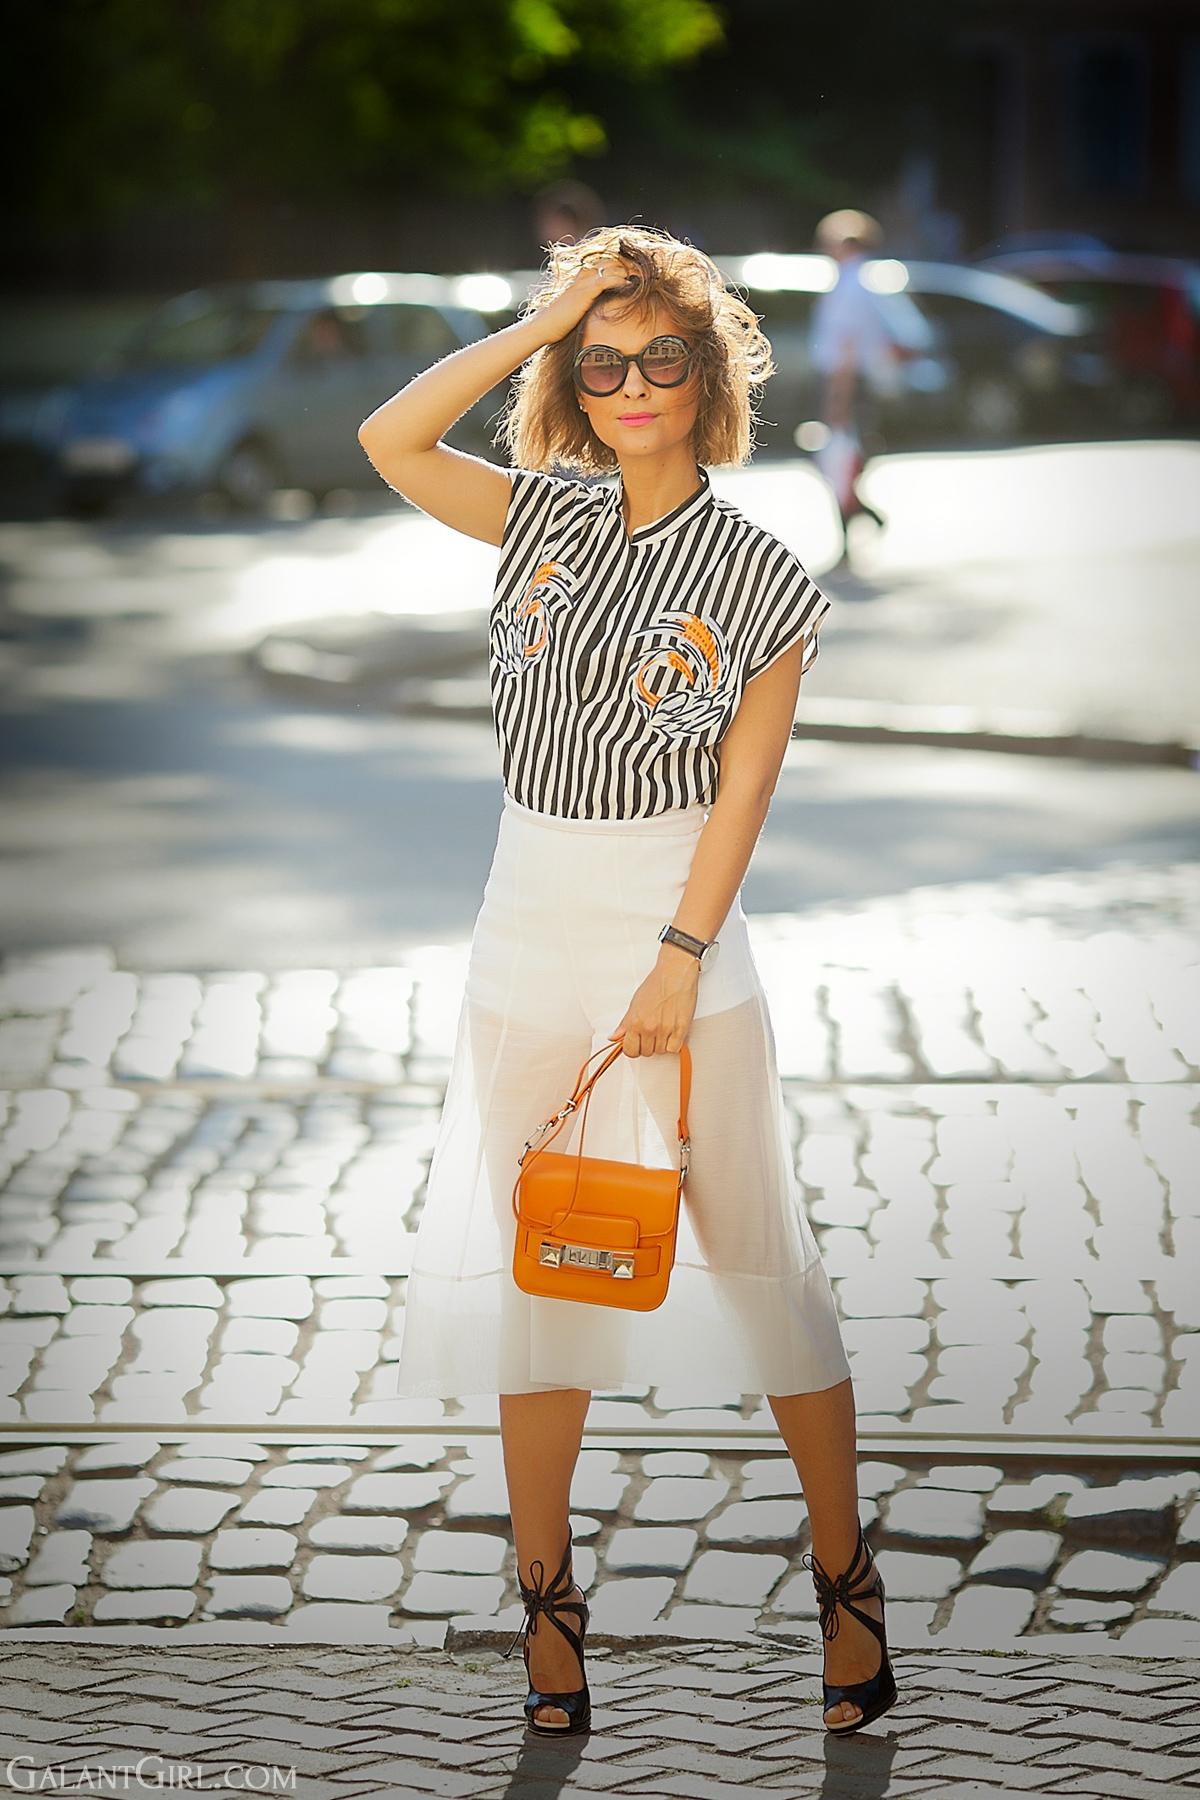 sheer-trousers-asos-phillip-lim-top-proenza-schoulerps11-bag-galant-girl